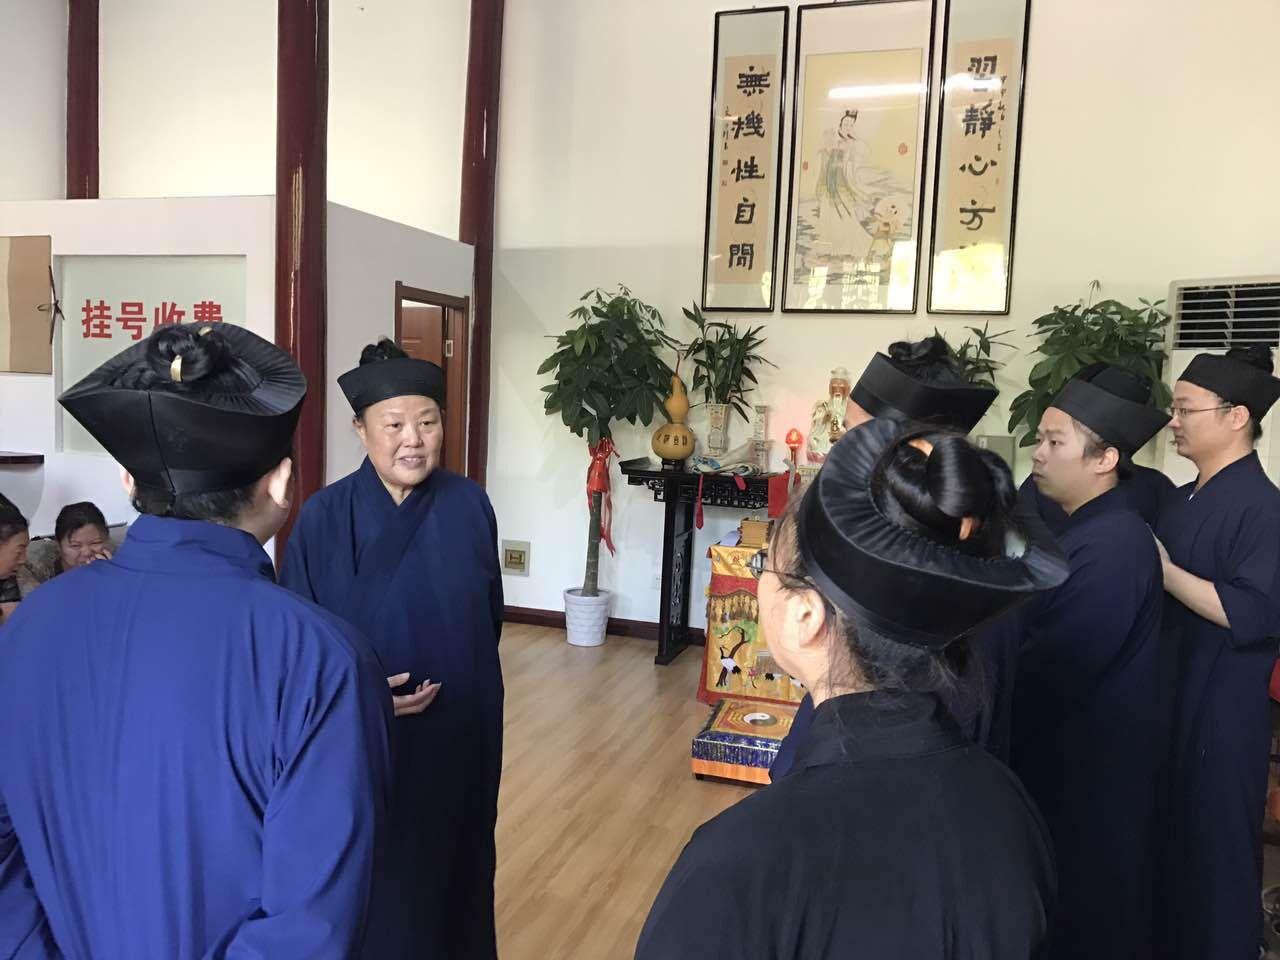 乌鲁木齐乌鲁木齐观乌鲁木齐堂举行开业典礼暨道医义诊活动